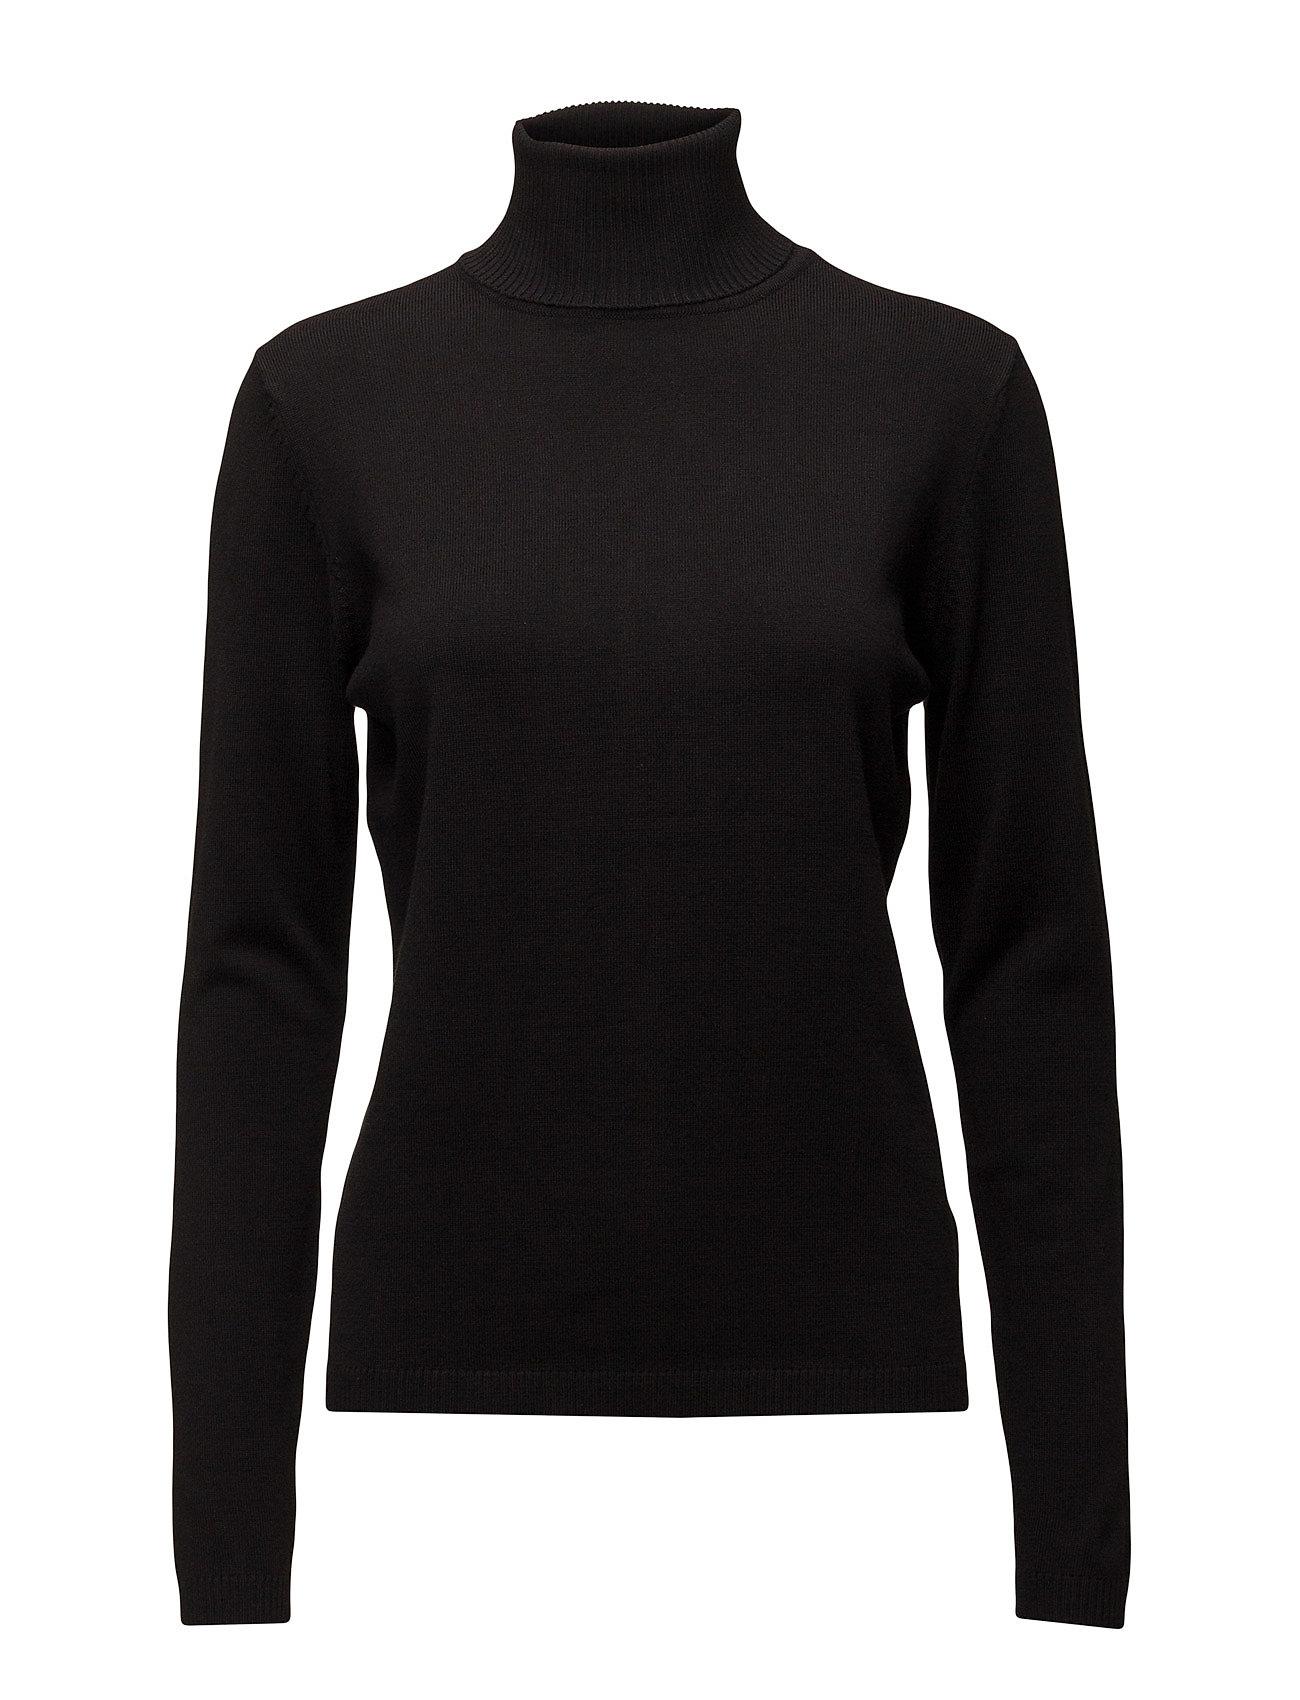 Zara Rollneck Soft Rebels Højhalsede til Damer i 001 Black